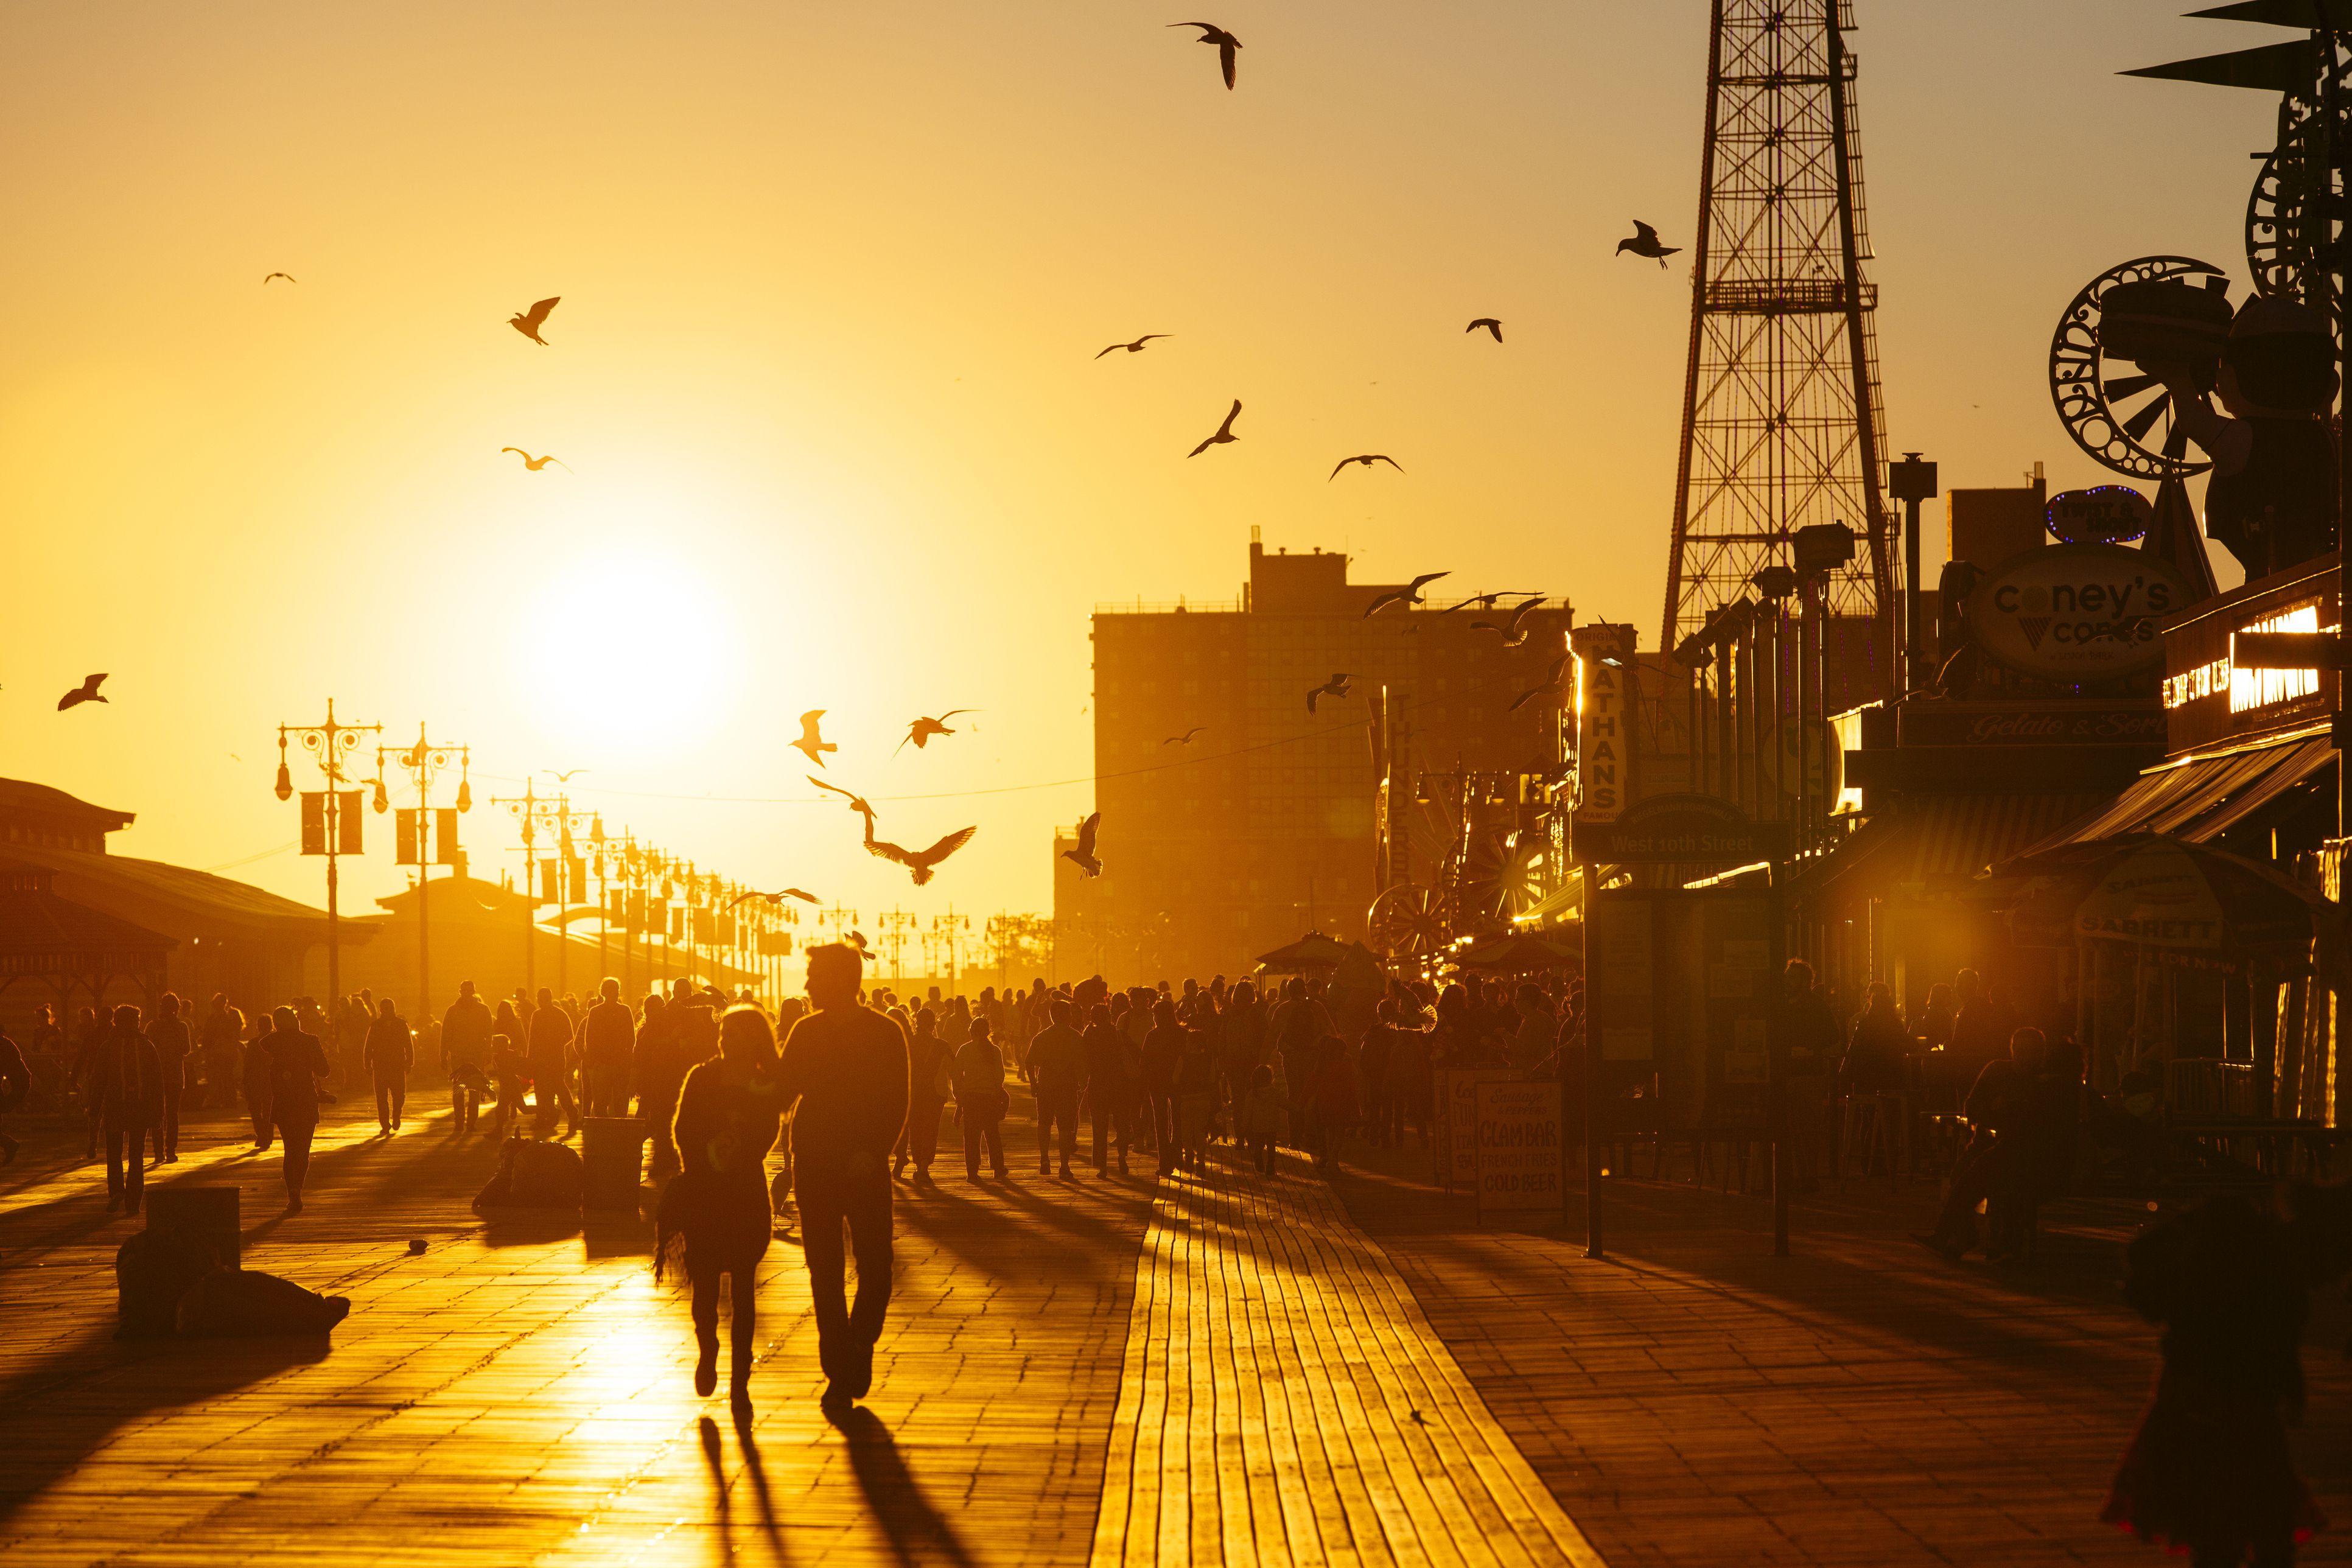 Coney Island Boardwalk at sunset, Brooklyn, NYC